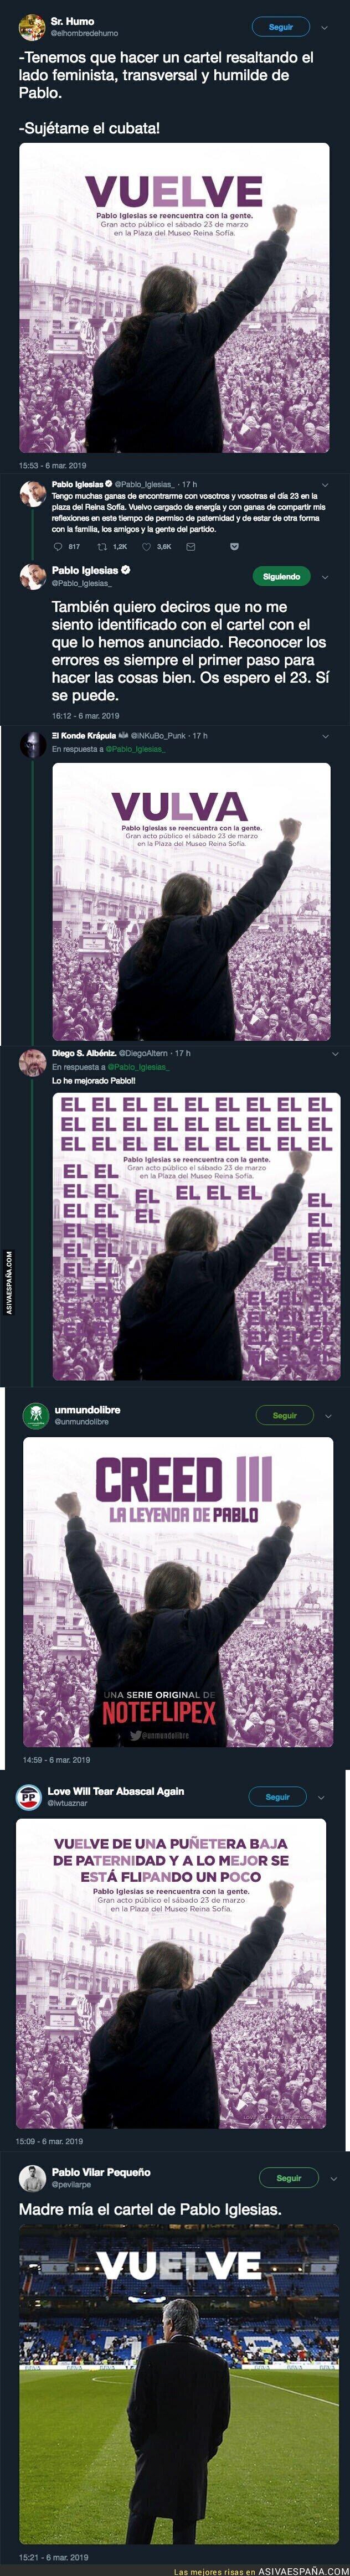 106073 - El lamentable cartel de Podemos sobre la vuelta de Pablo Iglesias que han tenido que retirar